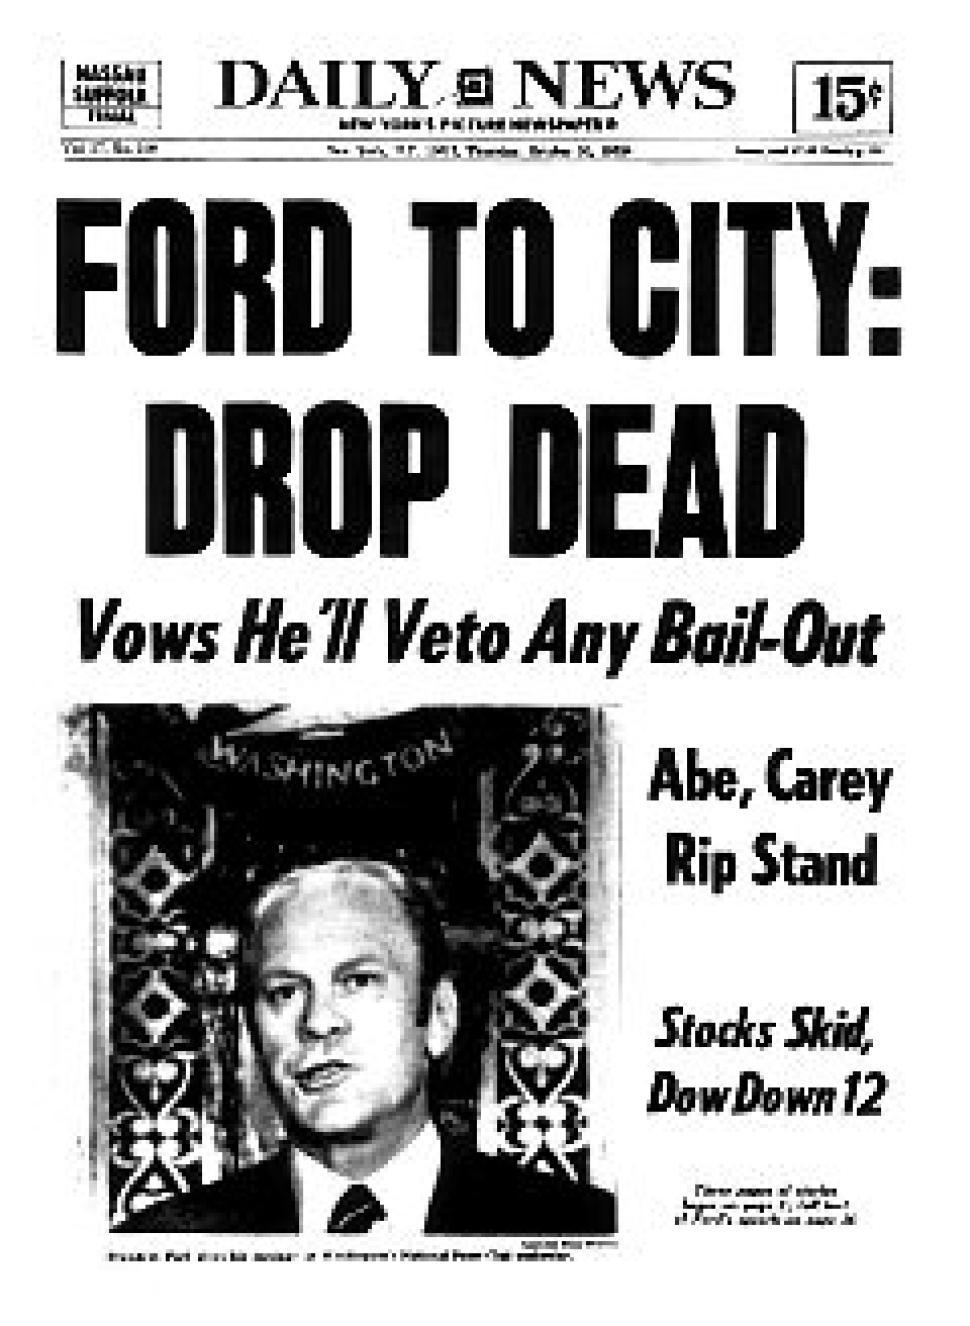 Från 1970-talet: Ett konkursmässigt New York City nobbas av president Ford.